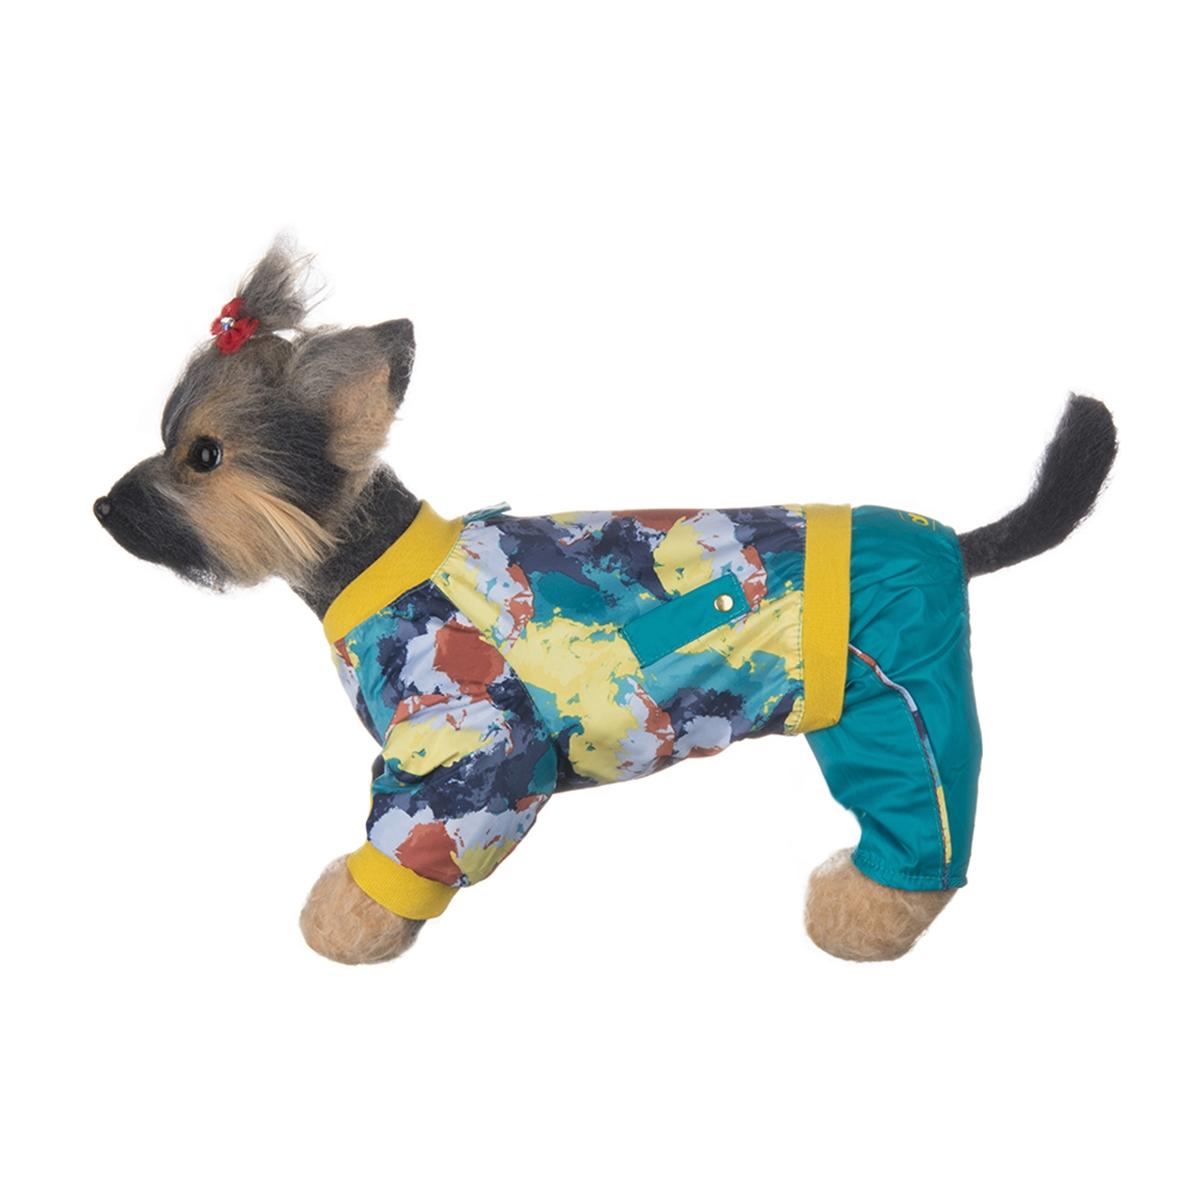 Комбинезон для собак Dogmoda Акварель, для мальчика, цвет: морской волны, желтый. Размер 3 (L)0120710Комбинезон для собак Dogmoda Акварель отлично подойдет для прогулок поздней осенью или ранней весной.Комбинезон изготовлен из полиэстера, защищающего от ветра и осадков, с подкладкой из флиса, которая сохранит тепло и обеспечит отличный воздухообмен. Комбинезон застегивается на кнопки, благодаря чему его легко надевать и снимать. Ворот, низ рукавов оснащены широкими трикотажными манжетами, которые мягко обхватывают шею и лапки, не позволяя просачиваться холодному воздуху. На пояснице комбинезон декорирован трикотажной резинкой.Благодаря такому комбинезону простуда не грозит вашему питомцу и он не даст любимцу продрогнуть на прогулке.